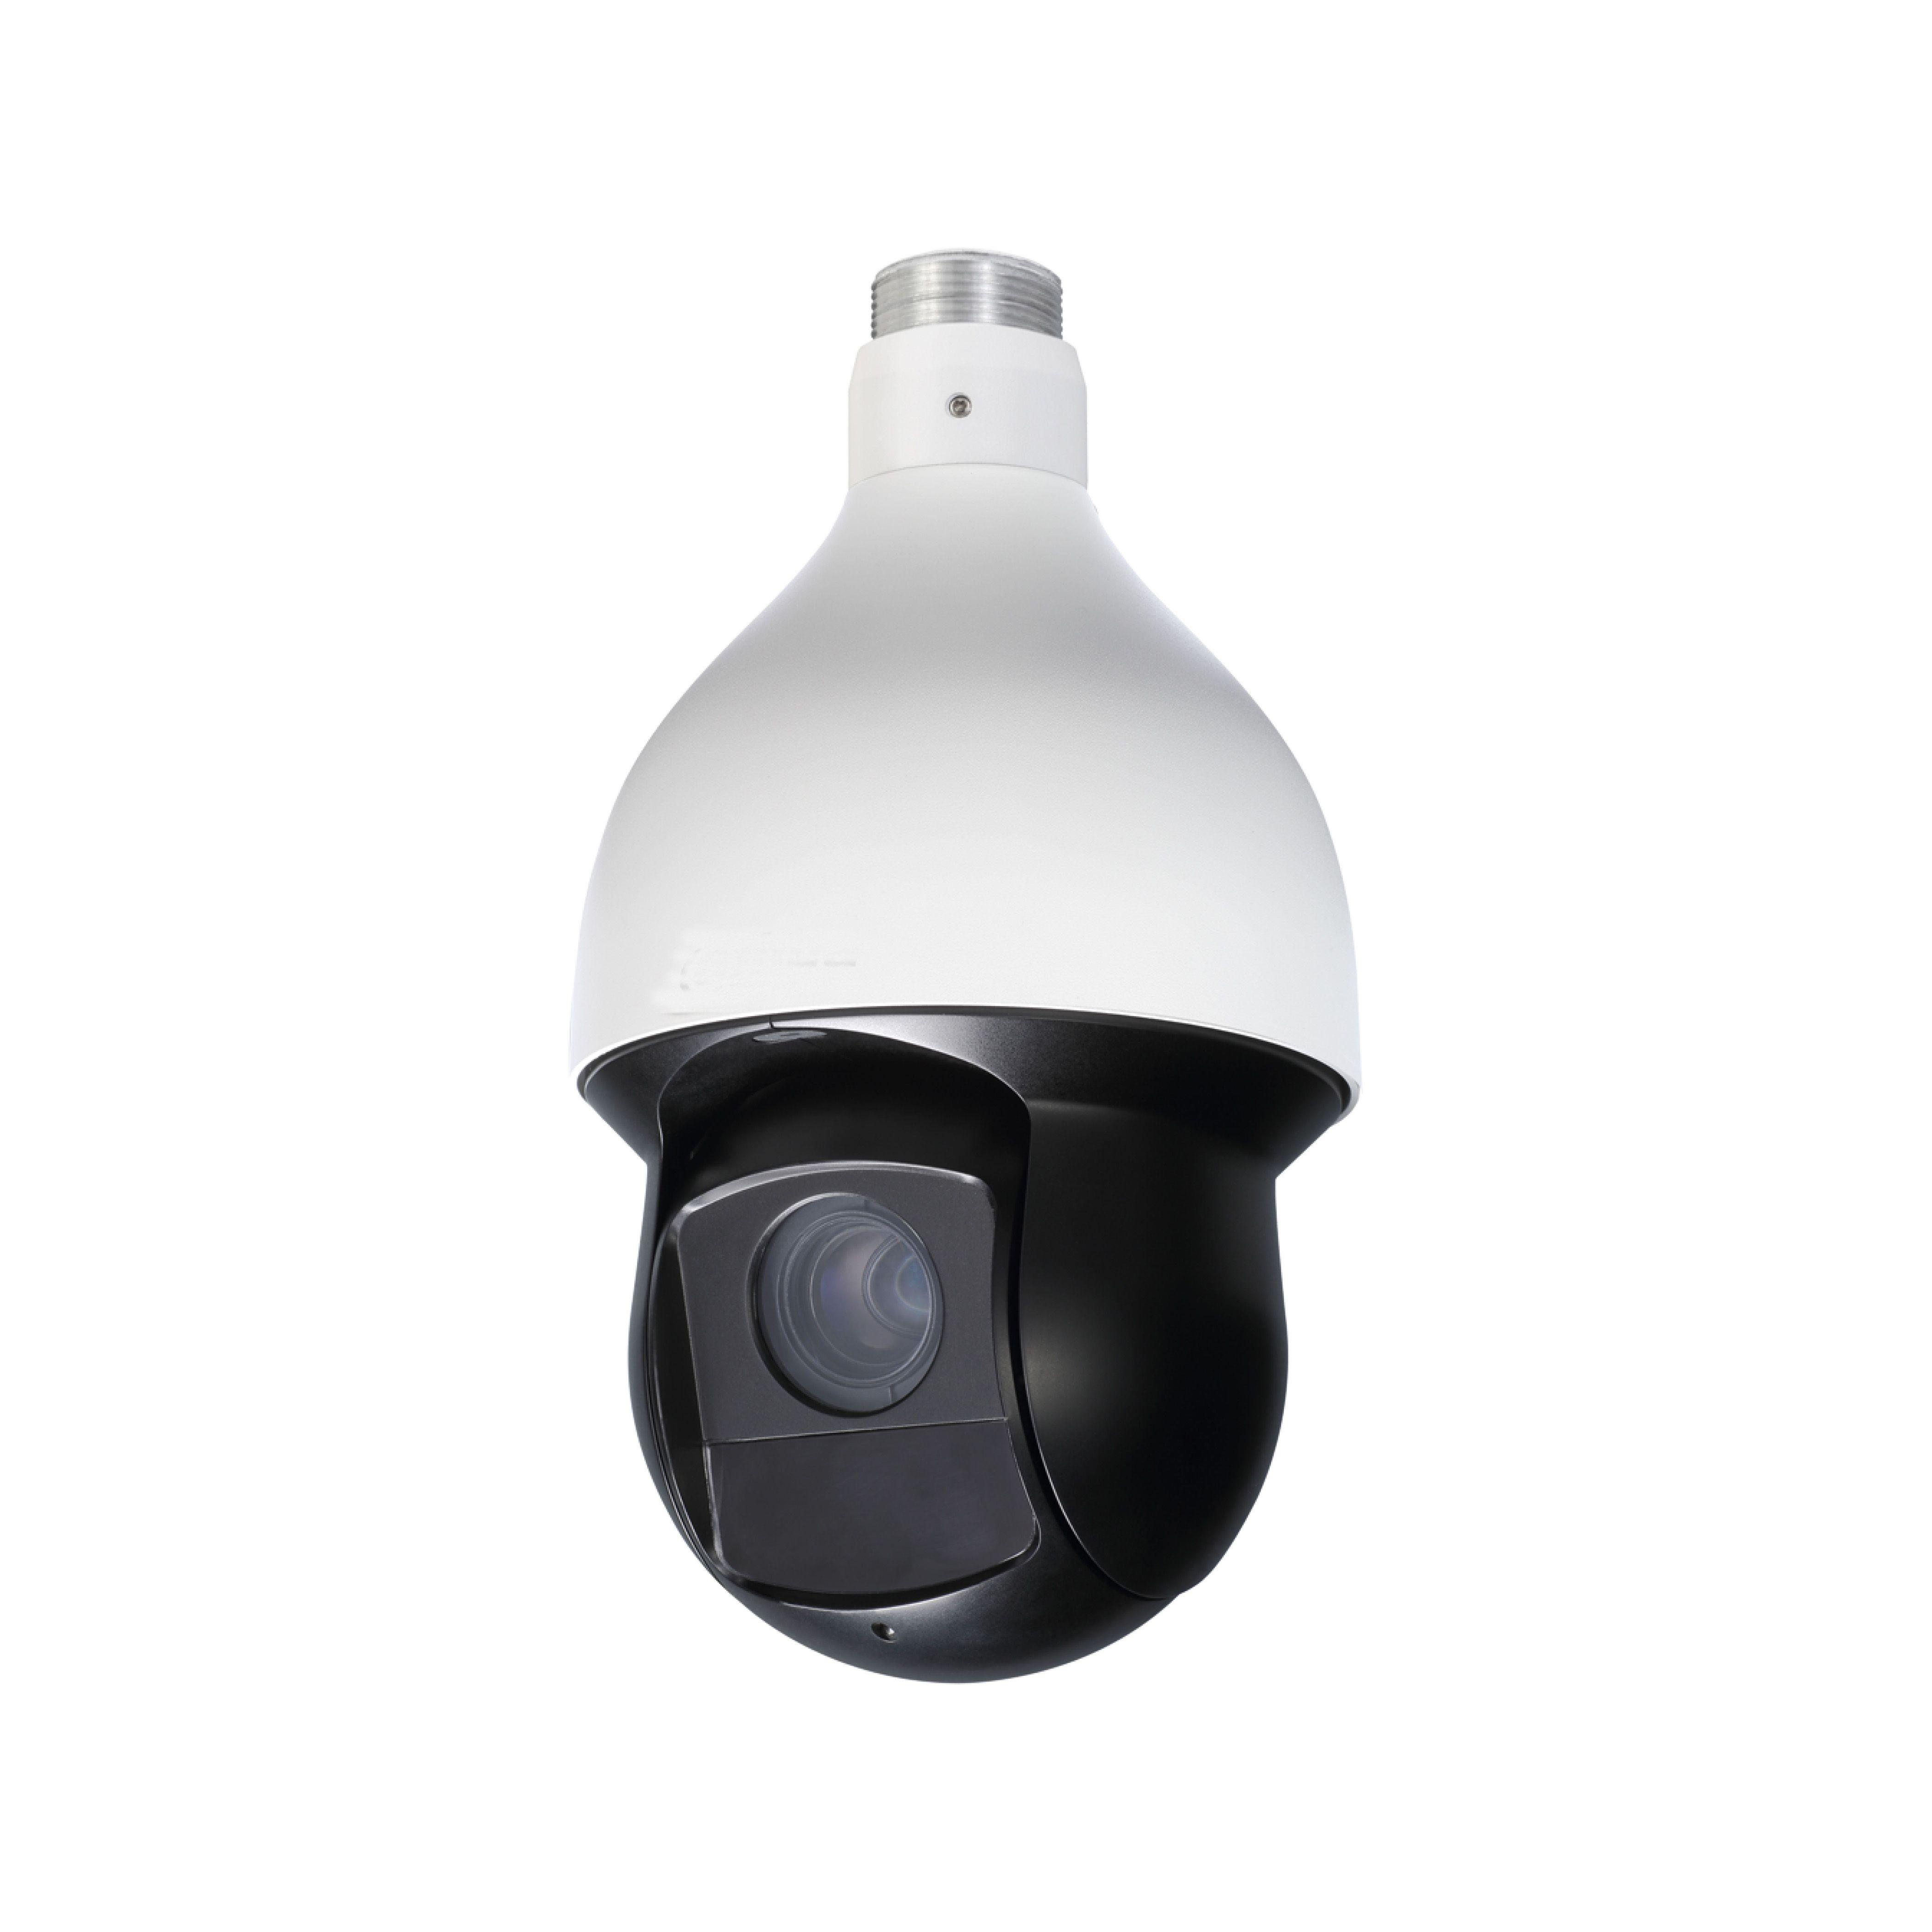 CCTV kamera Neueste neue 2MP 30x Sternenlicht IR PTZ Netzwerk Dome Kamera Auto-tracking SD59230U-HNI